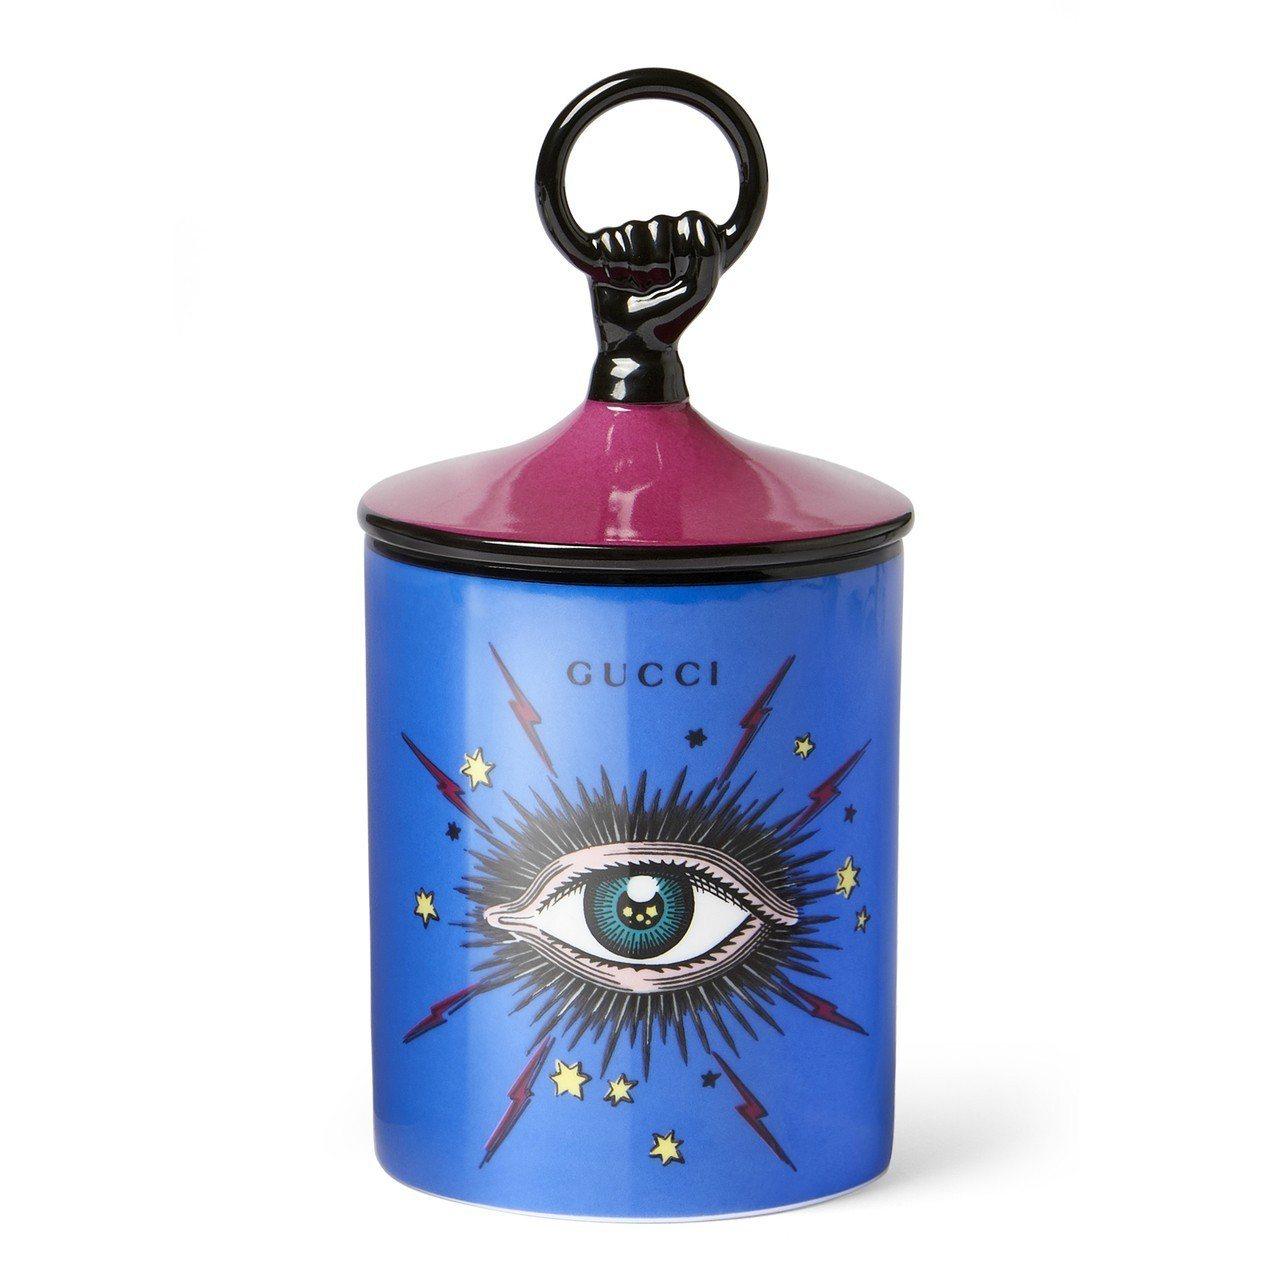 眼睛彩繪瓷器香氛蠟燭,14,600元。圖/Gucci提供